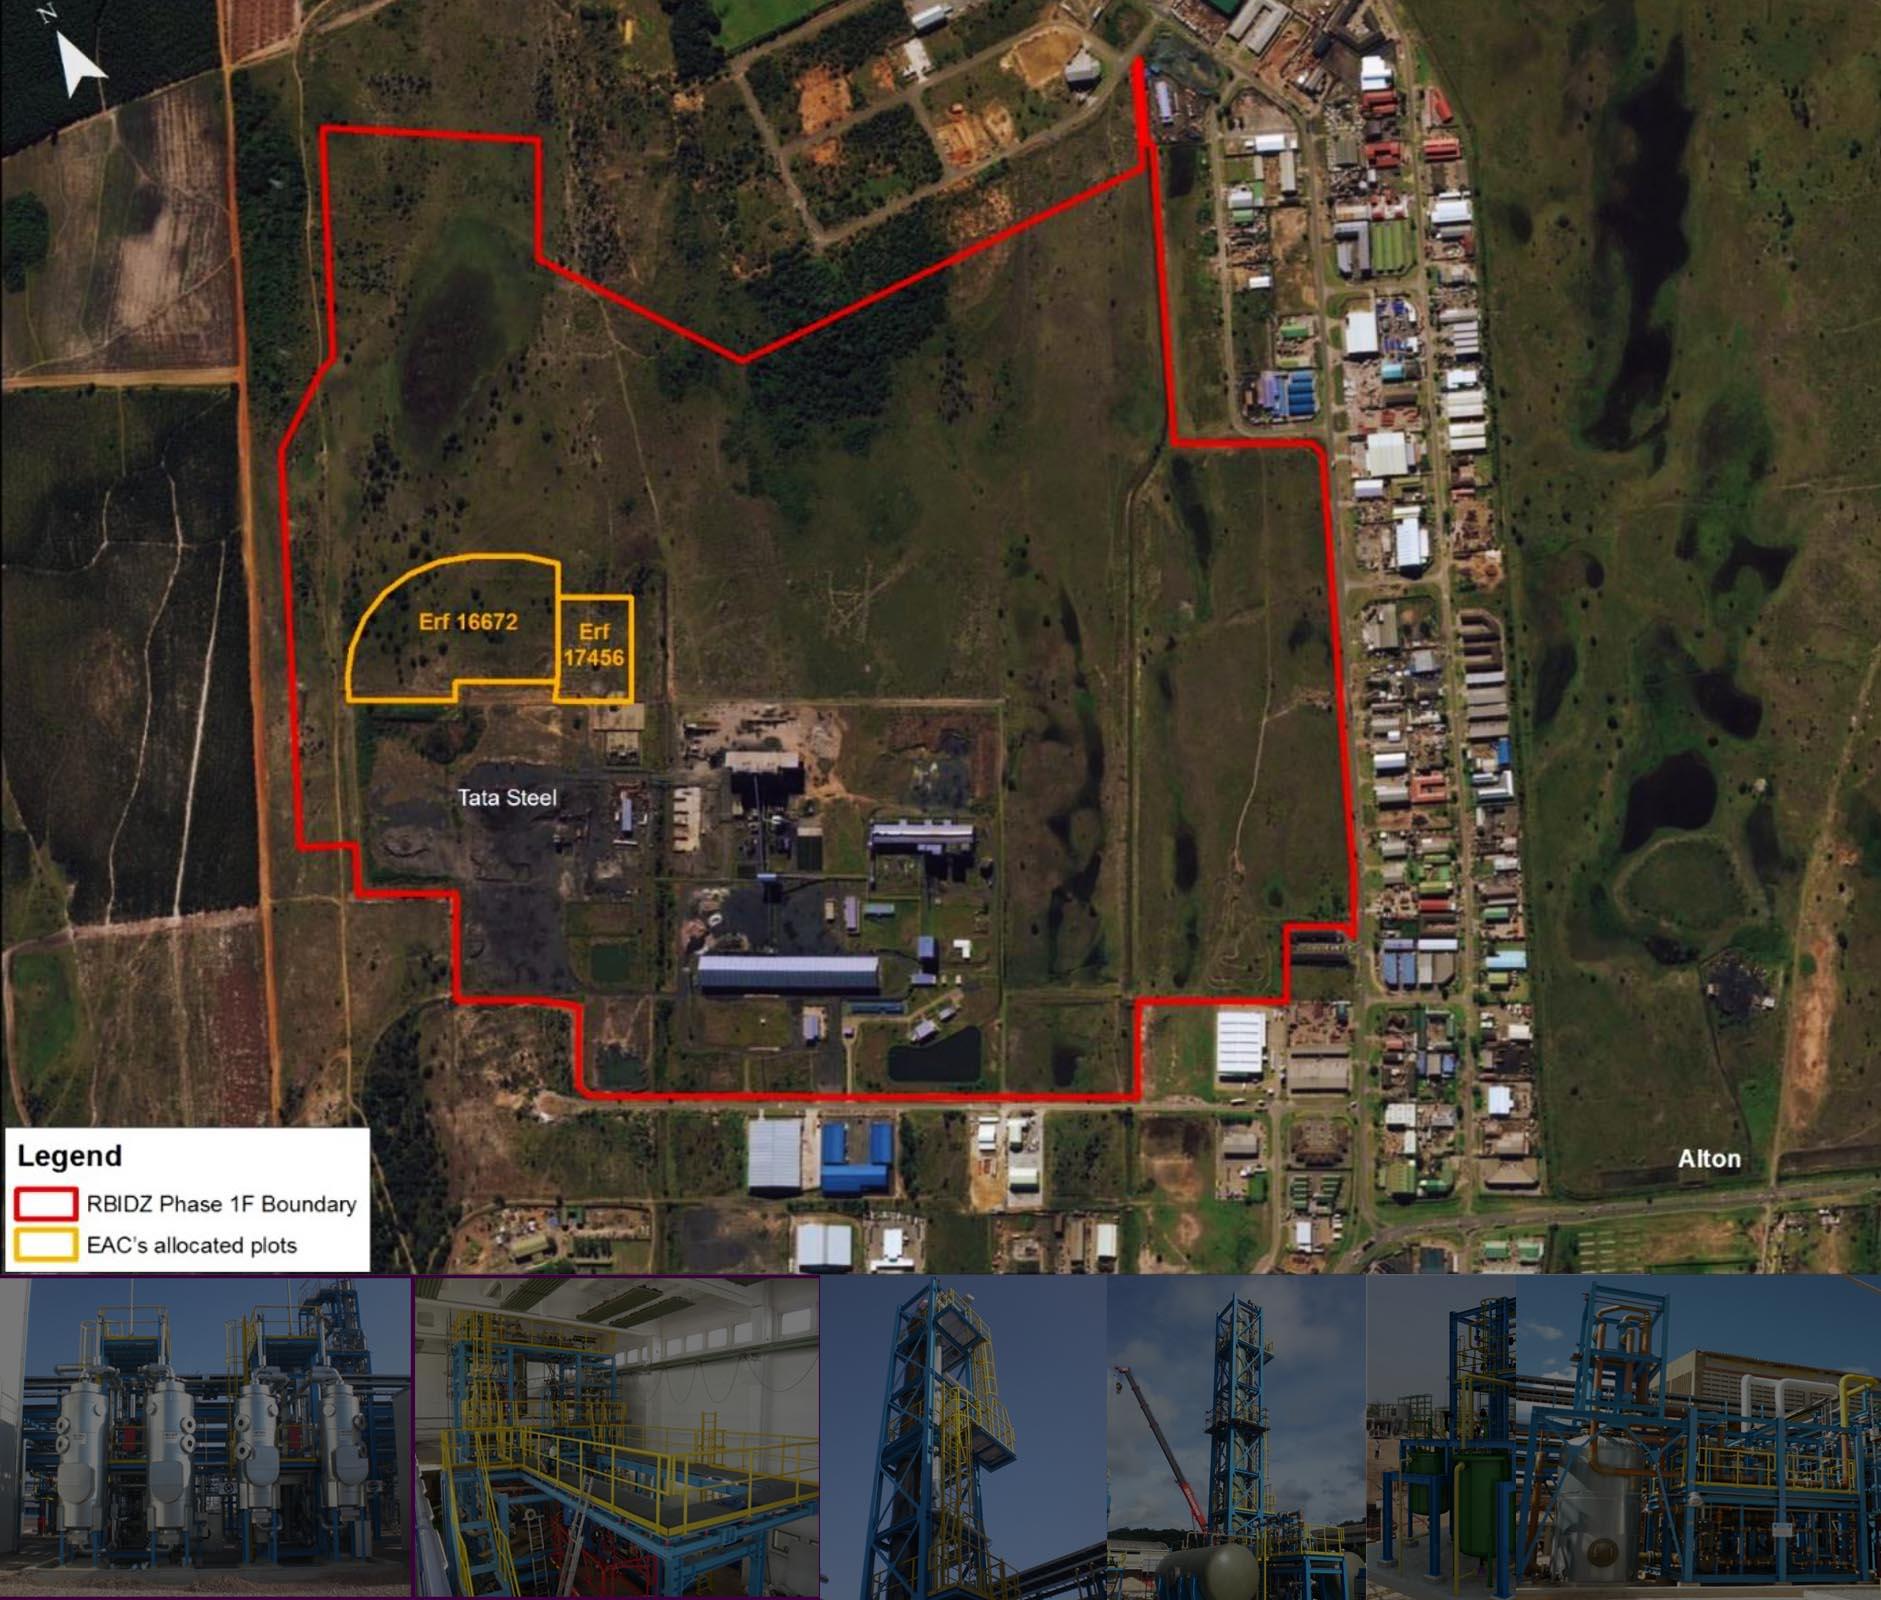 eac Richards Bay Chlor alkali plant2